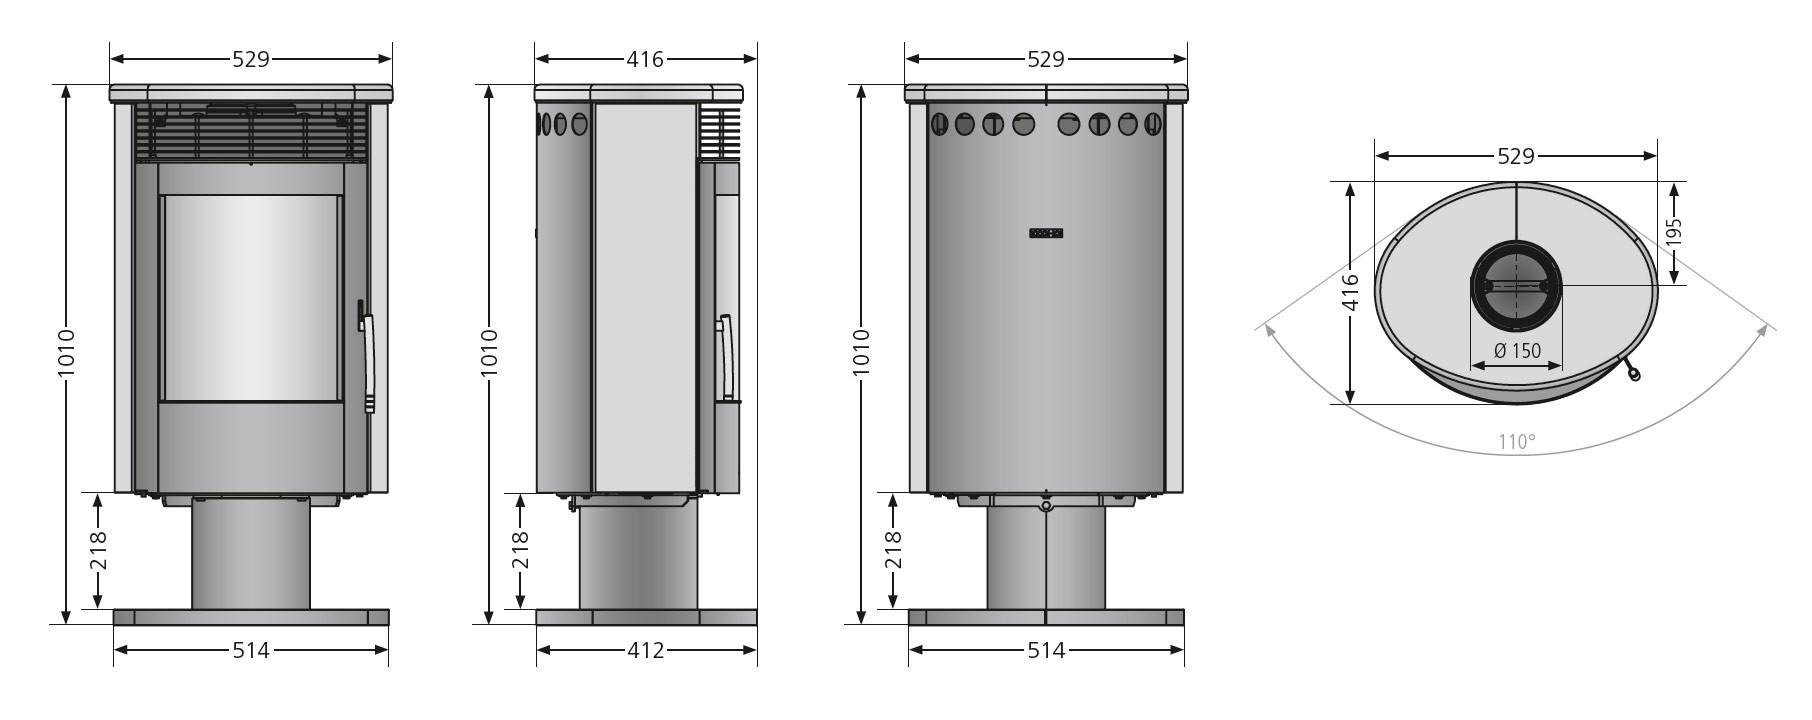 kaminofen justus seeland raumluftunabh ngig drehbar speckstein 5kw bei. Black Bedroom Furniture Sets. Home Design Ideas